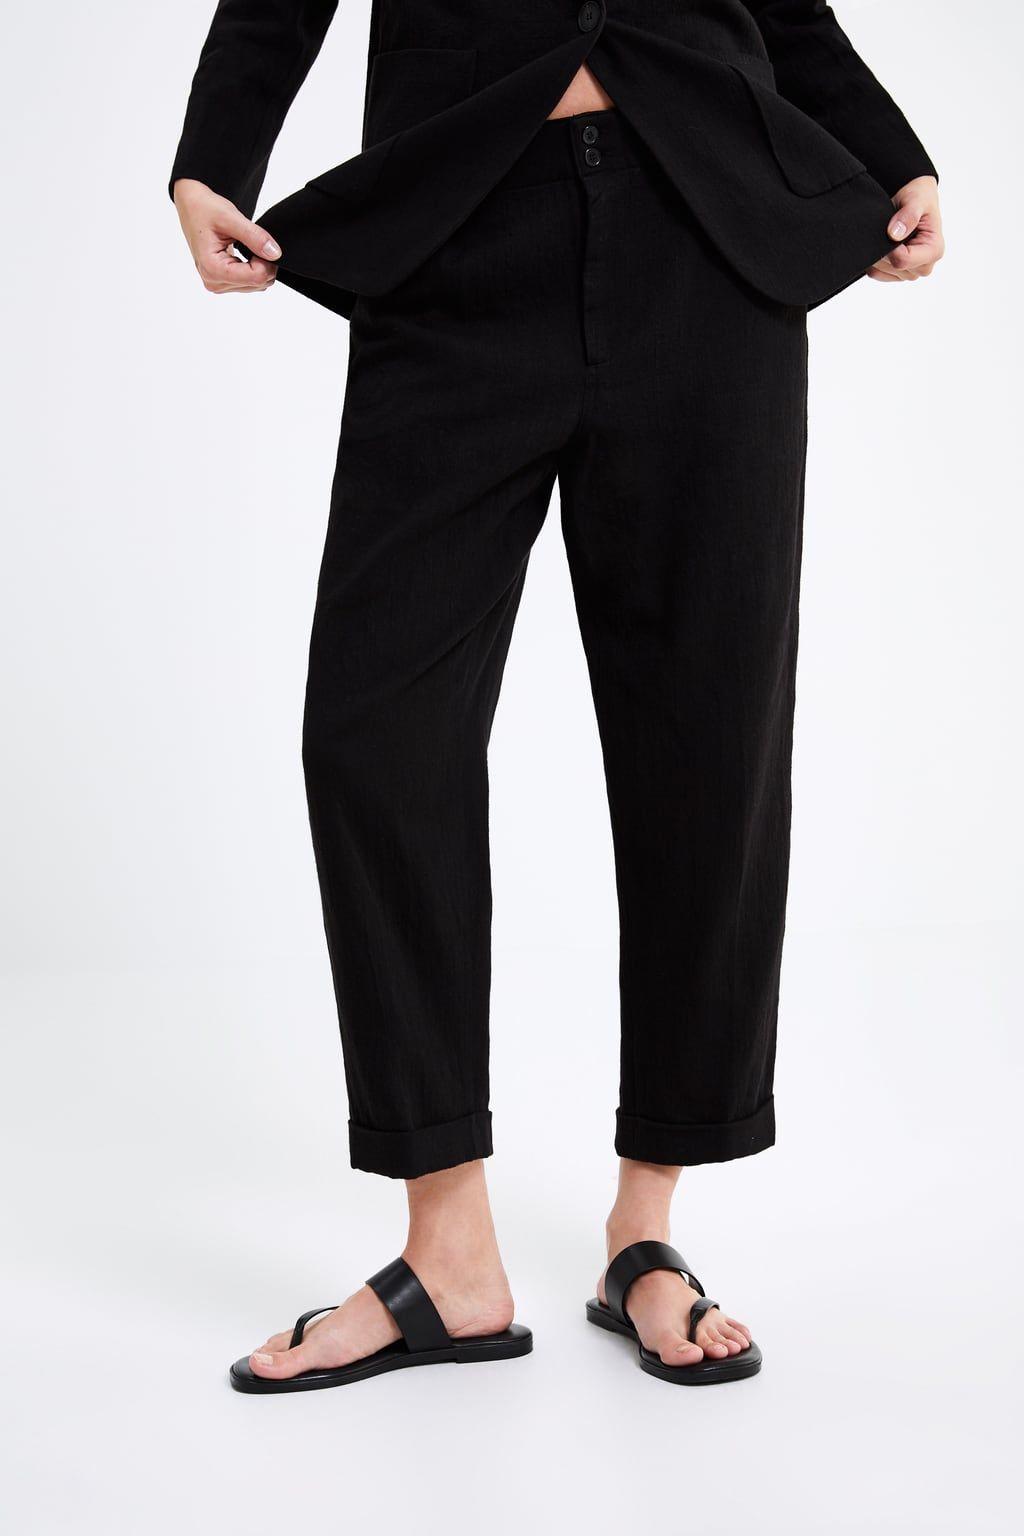 755b9b787a Pantaloni orlo con risvolto nel 2019   ° Wardrobe °   Pantaloni ...